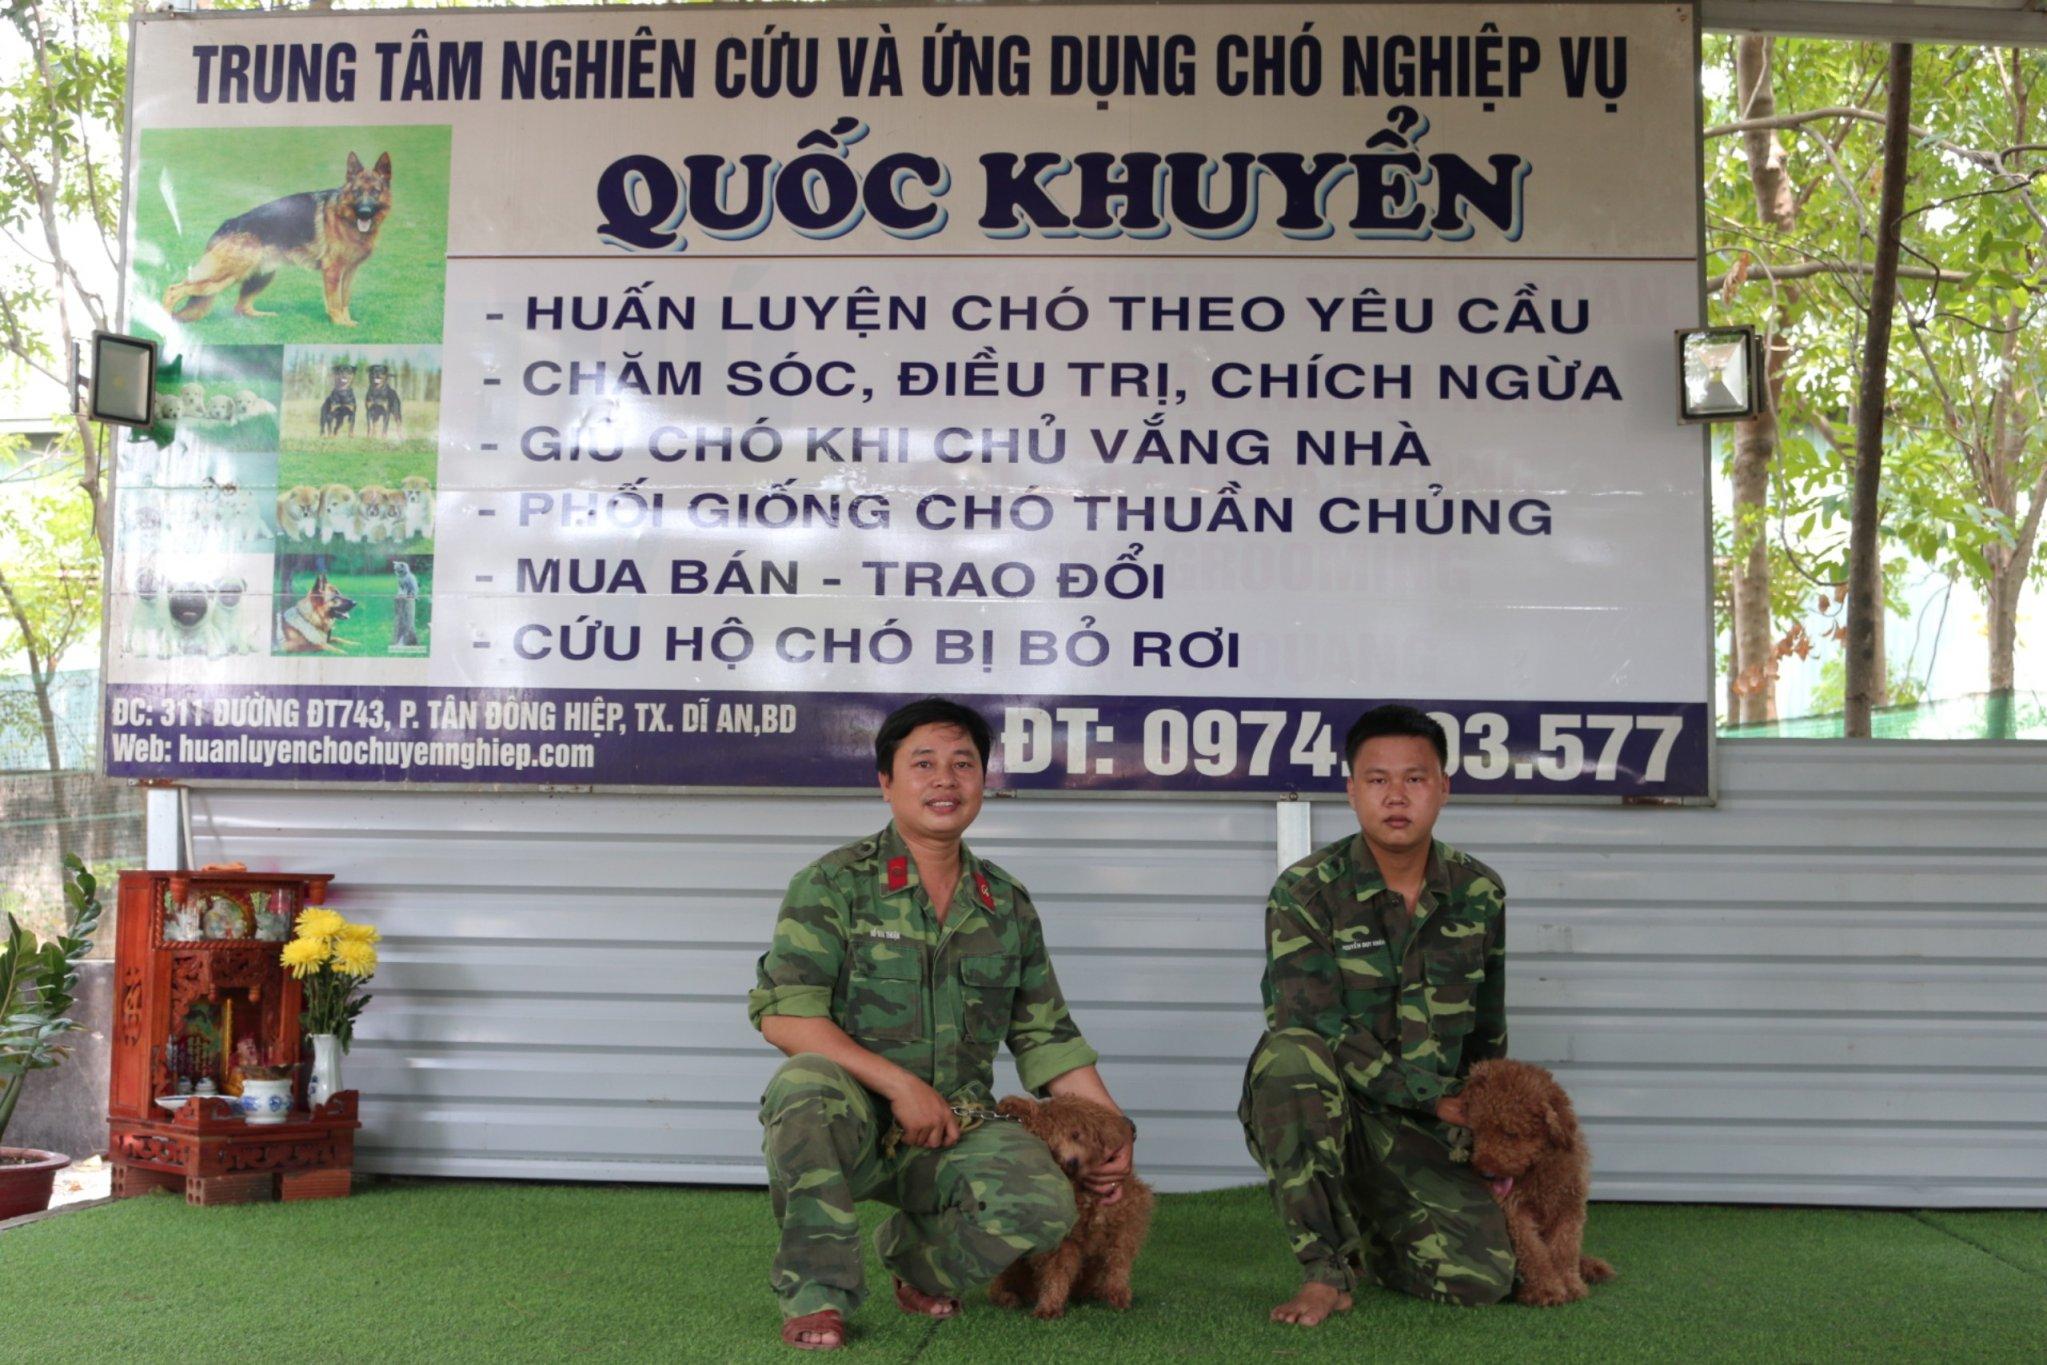 giá huấn luyện chó